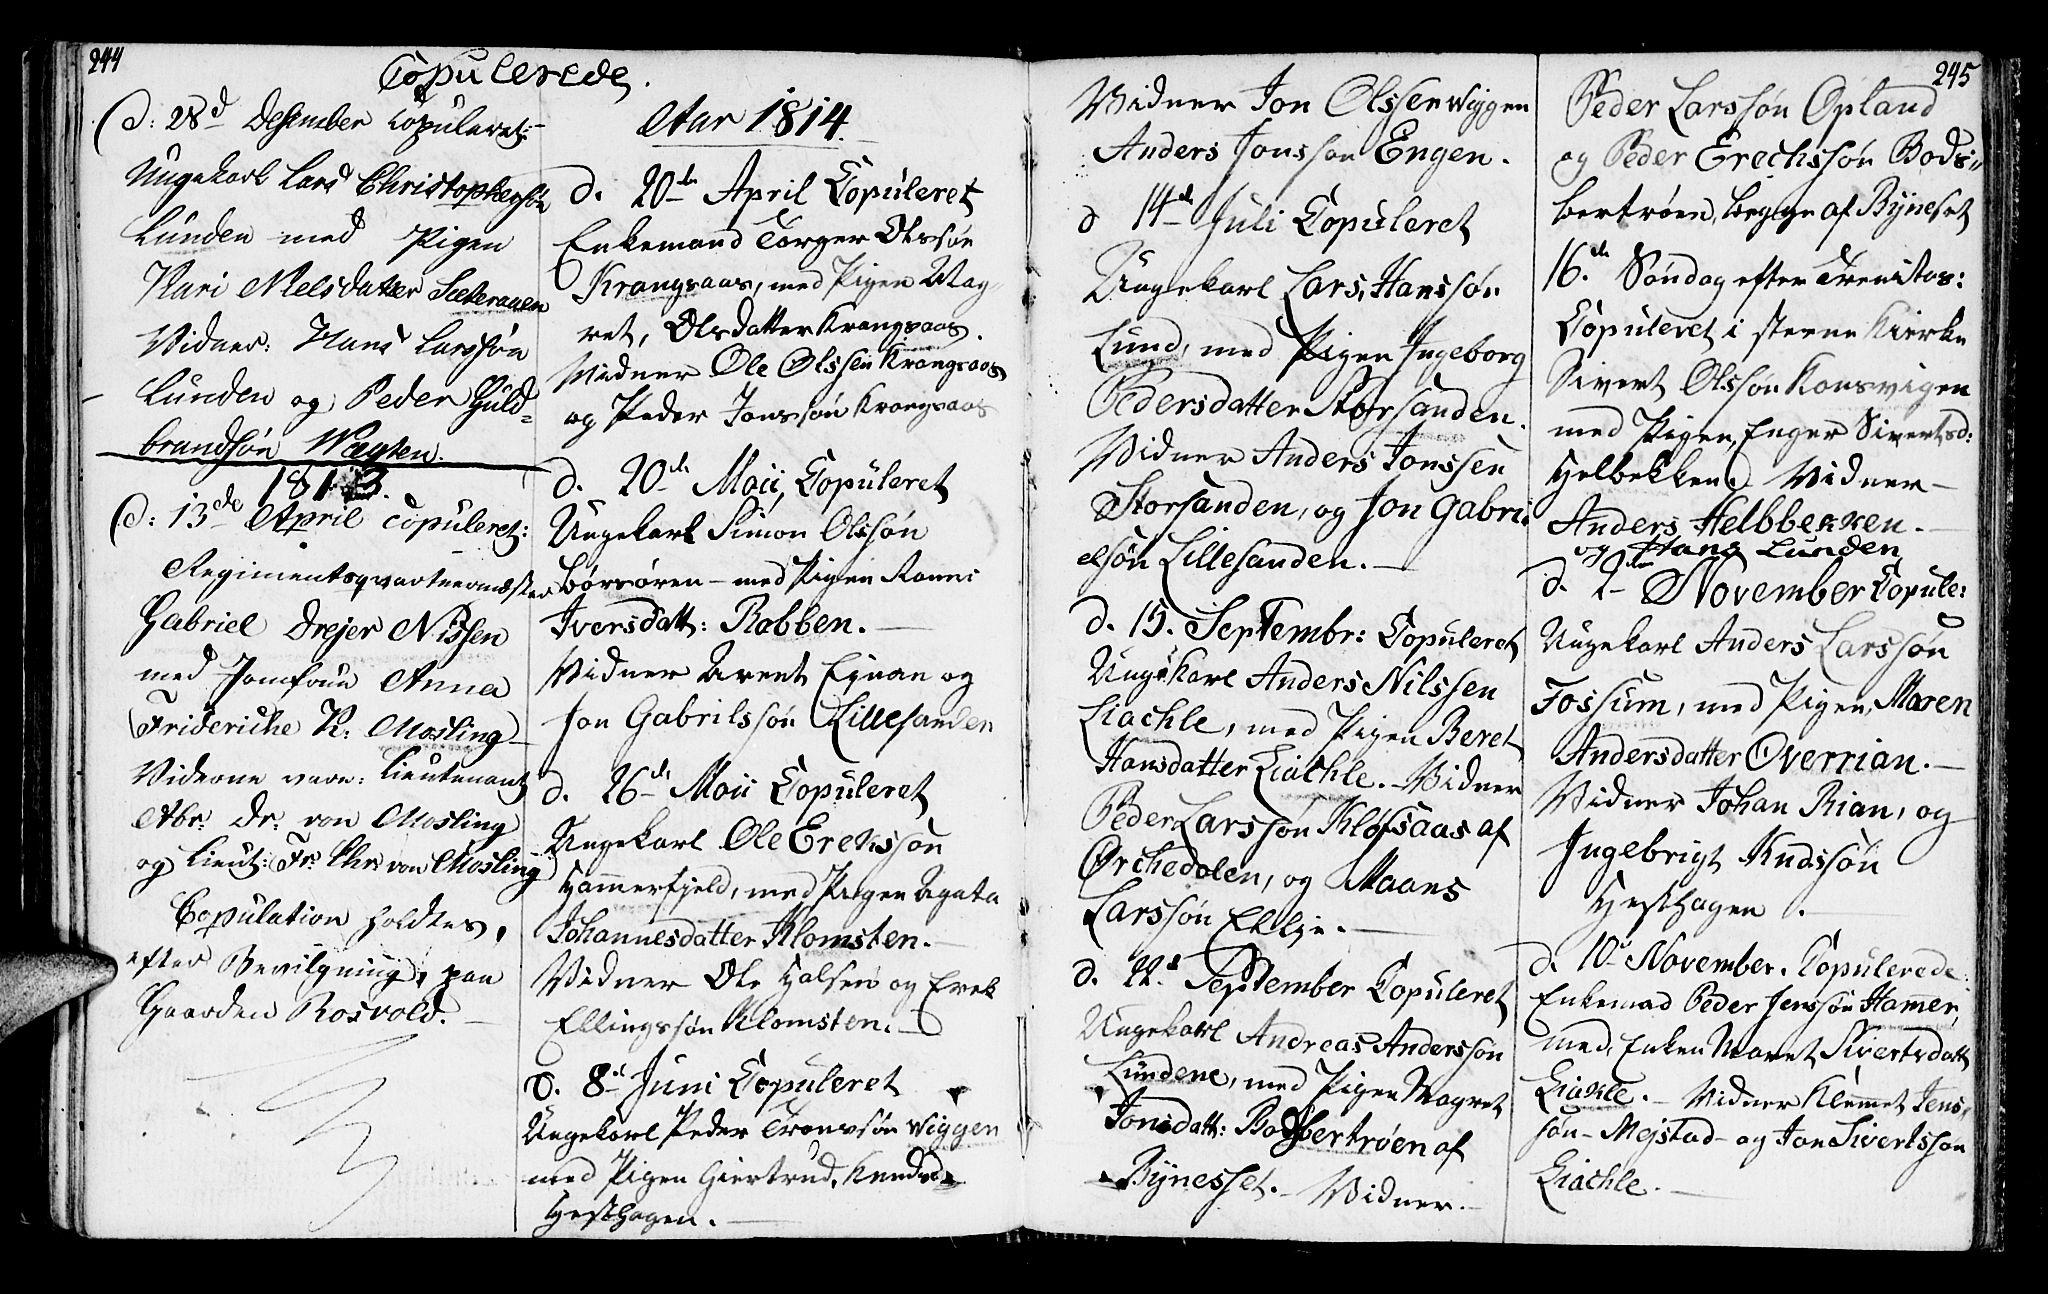 SAT, Ministerialprotokoller, klokkerbøker og fødselsregistre - Sør-Trøndelag, 665/L0769: Ministerialbok nr. 665A04, 1803-1816, s. 244-245